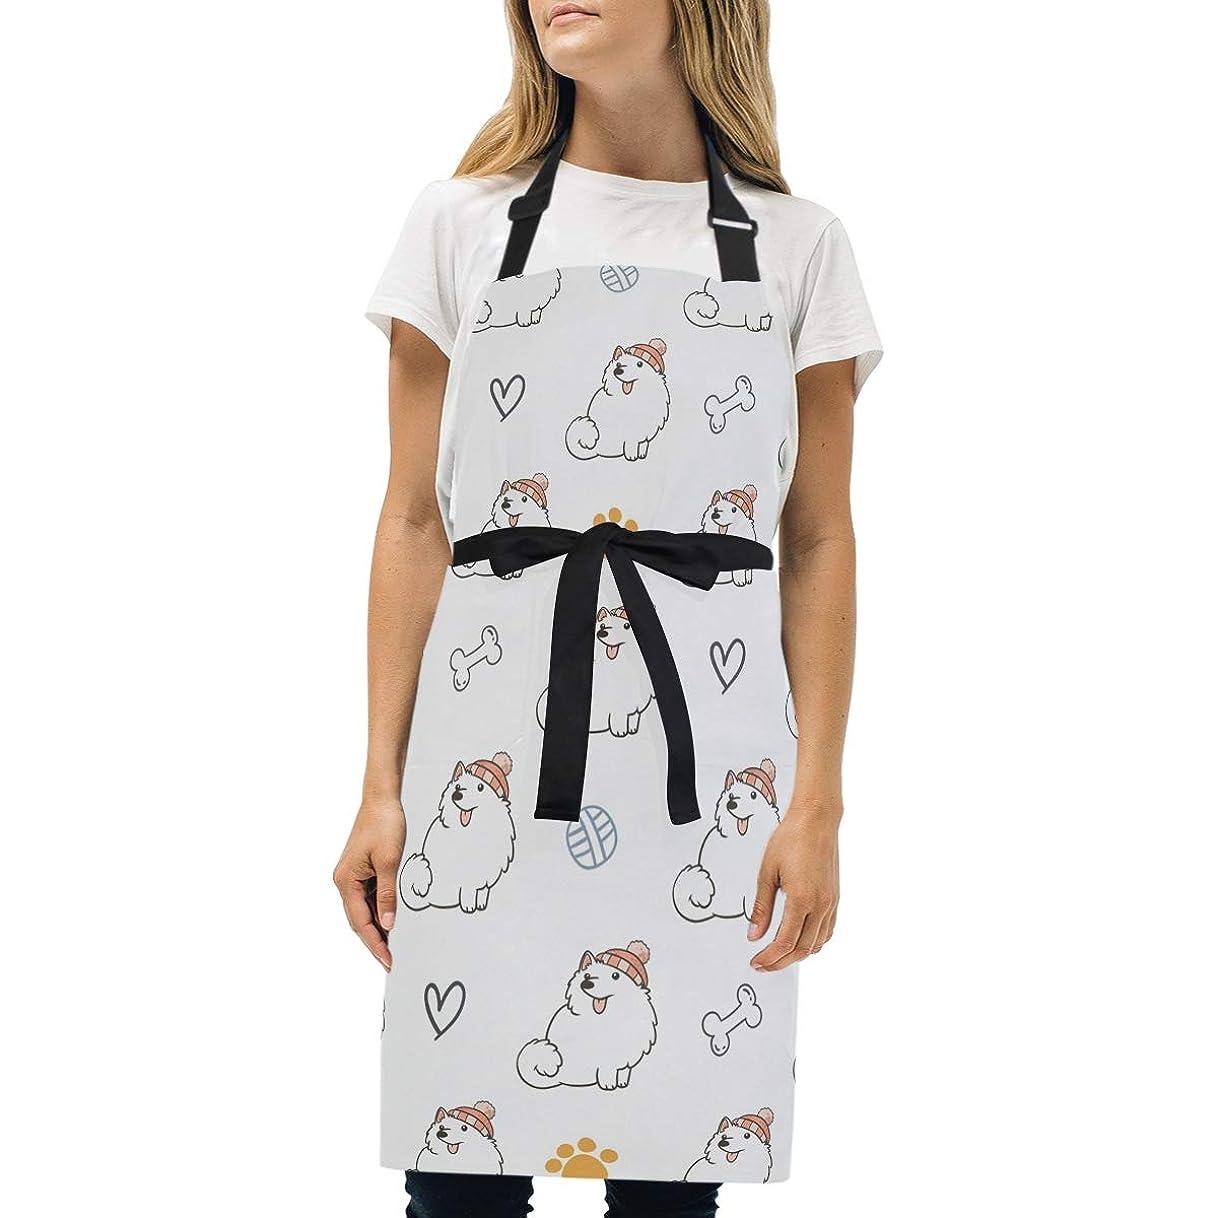 クラブ刺繍タワーシンプルエプロン 日本のスピッツ犬 エプロン 身長に応じて調節できる首ベルト 2ポケット 首掛け 男女兼用